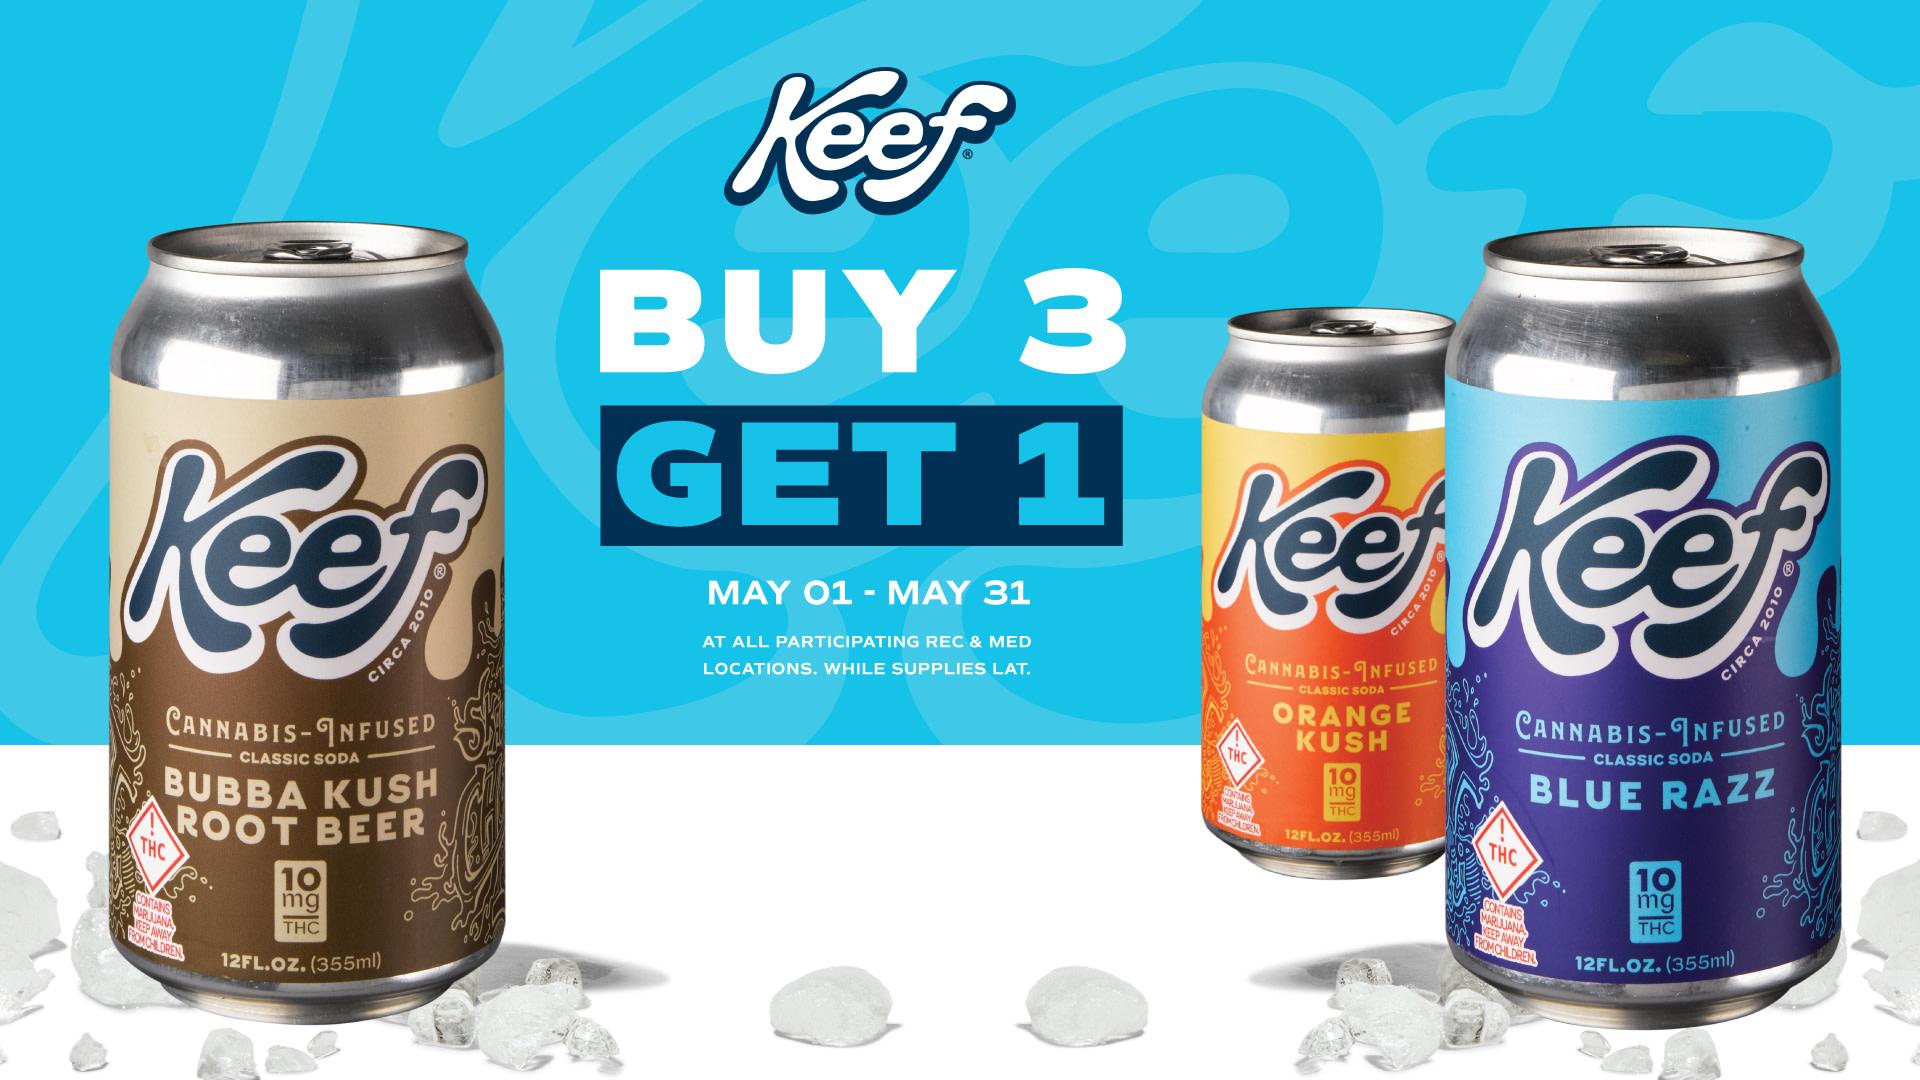 keef may